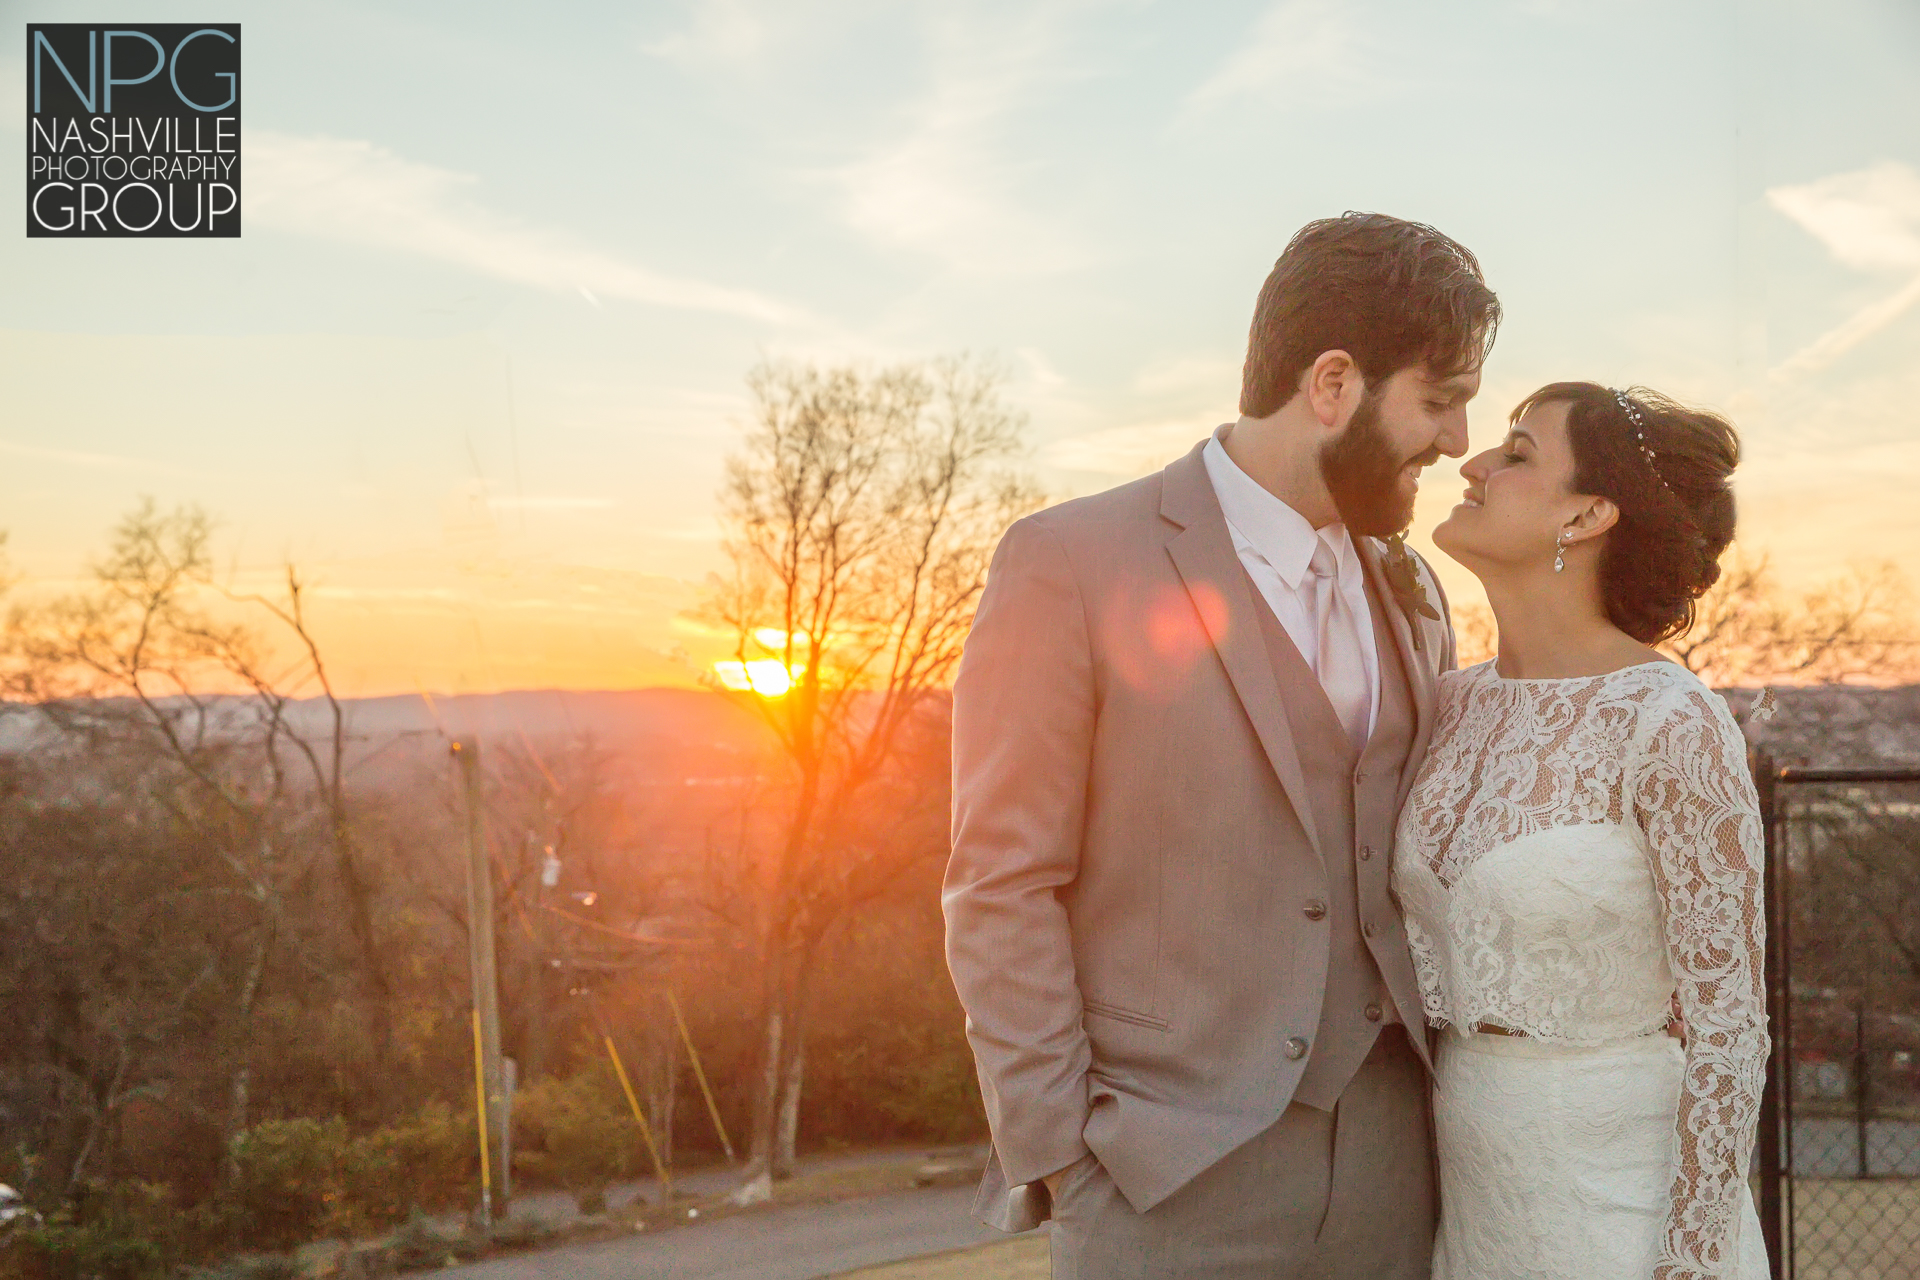 Nashville Photography Group wedding photographers-1-5.jpg